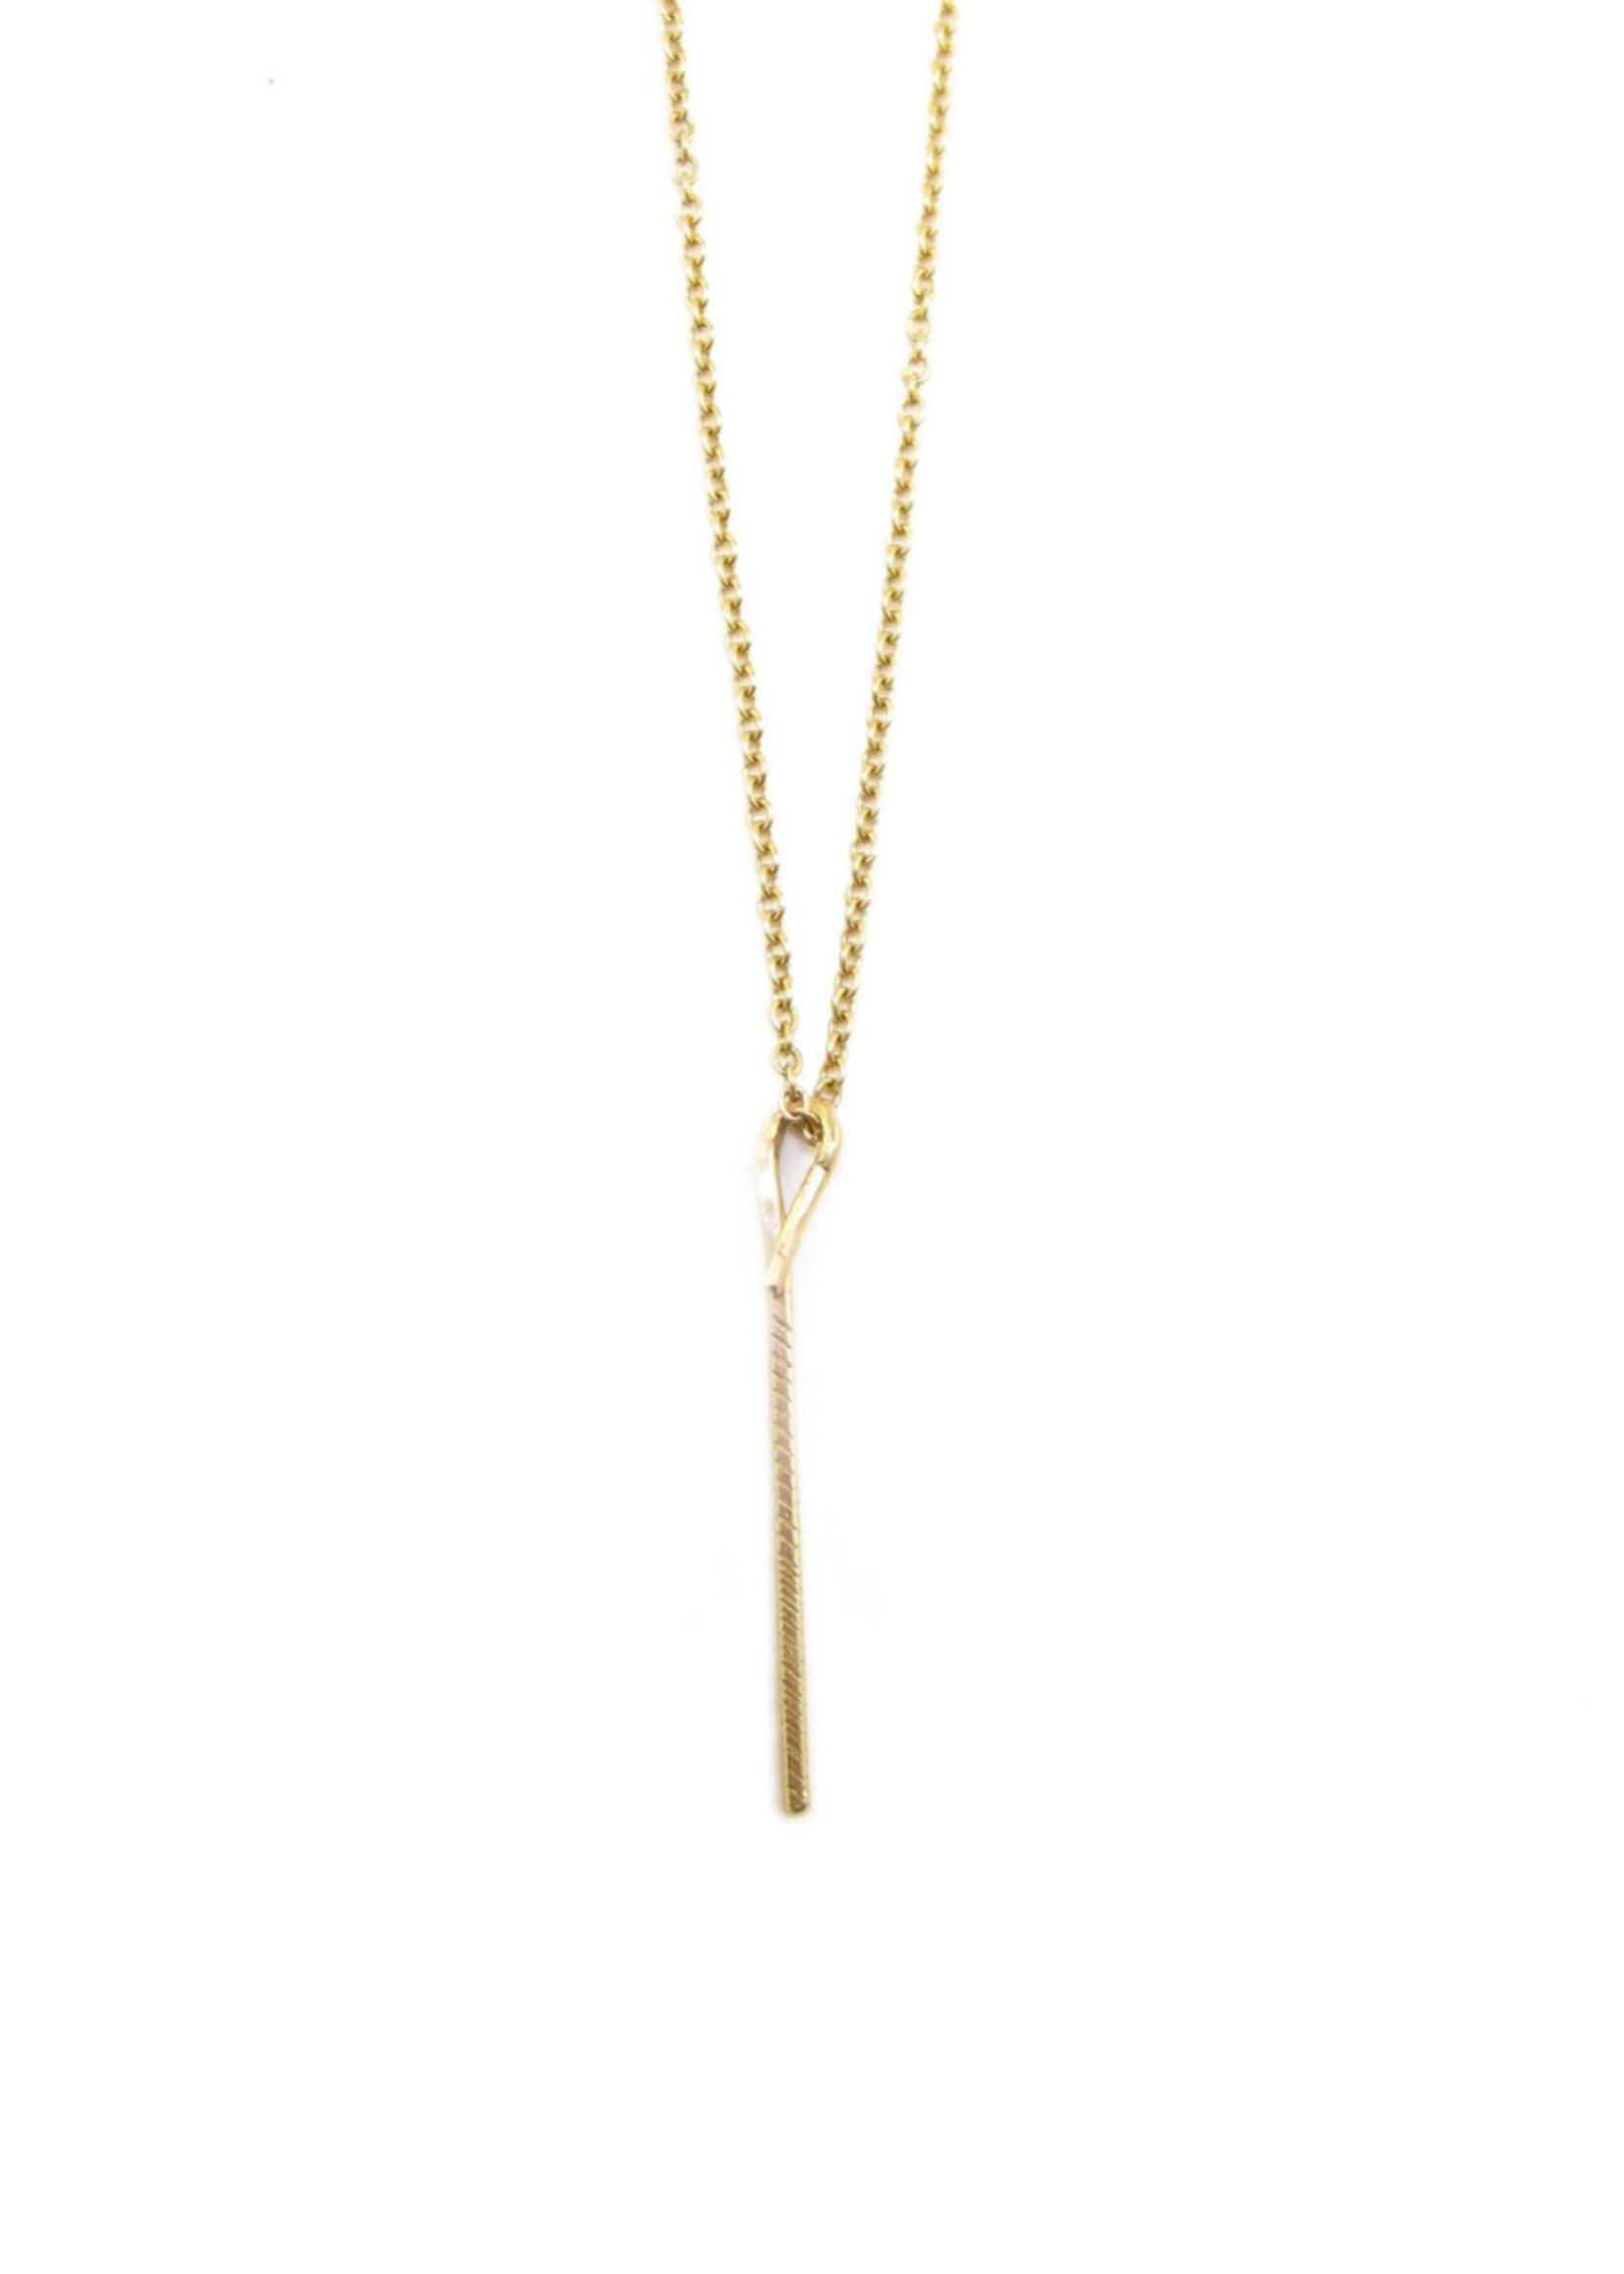 Sharon Z Jewelry Mini Stick Necklace 14KYG